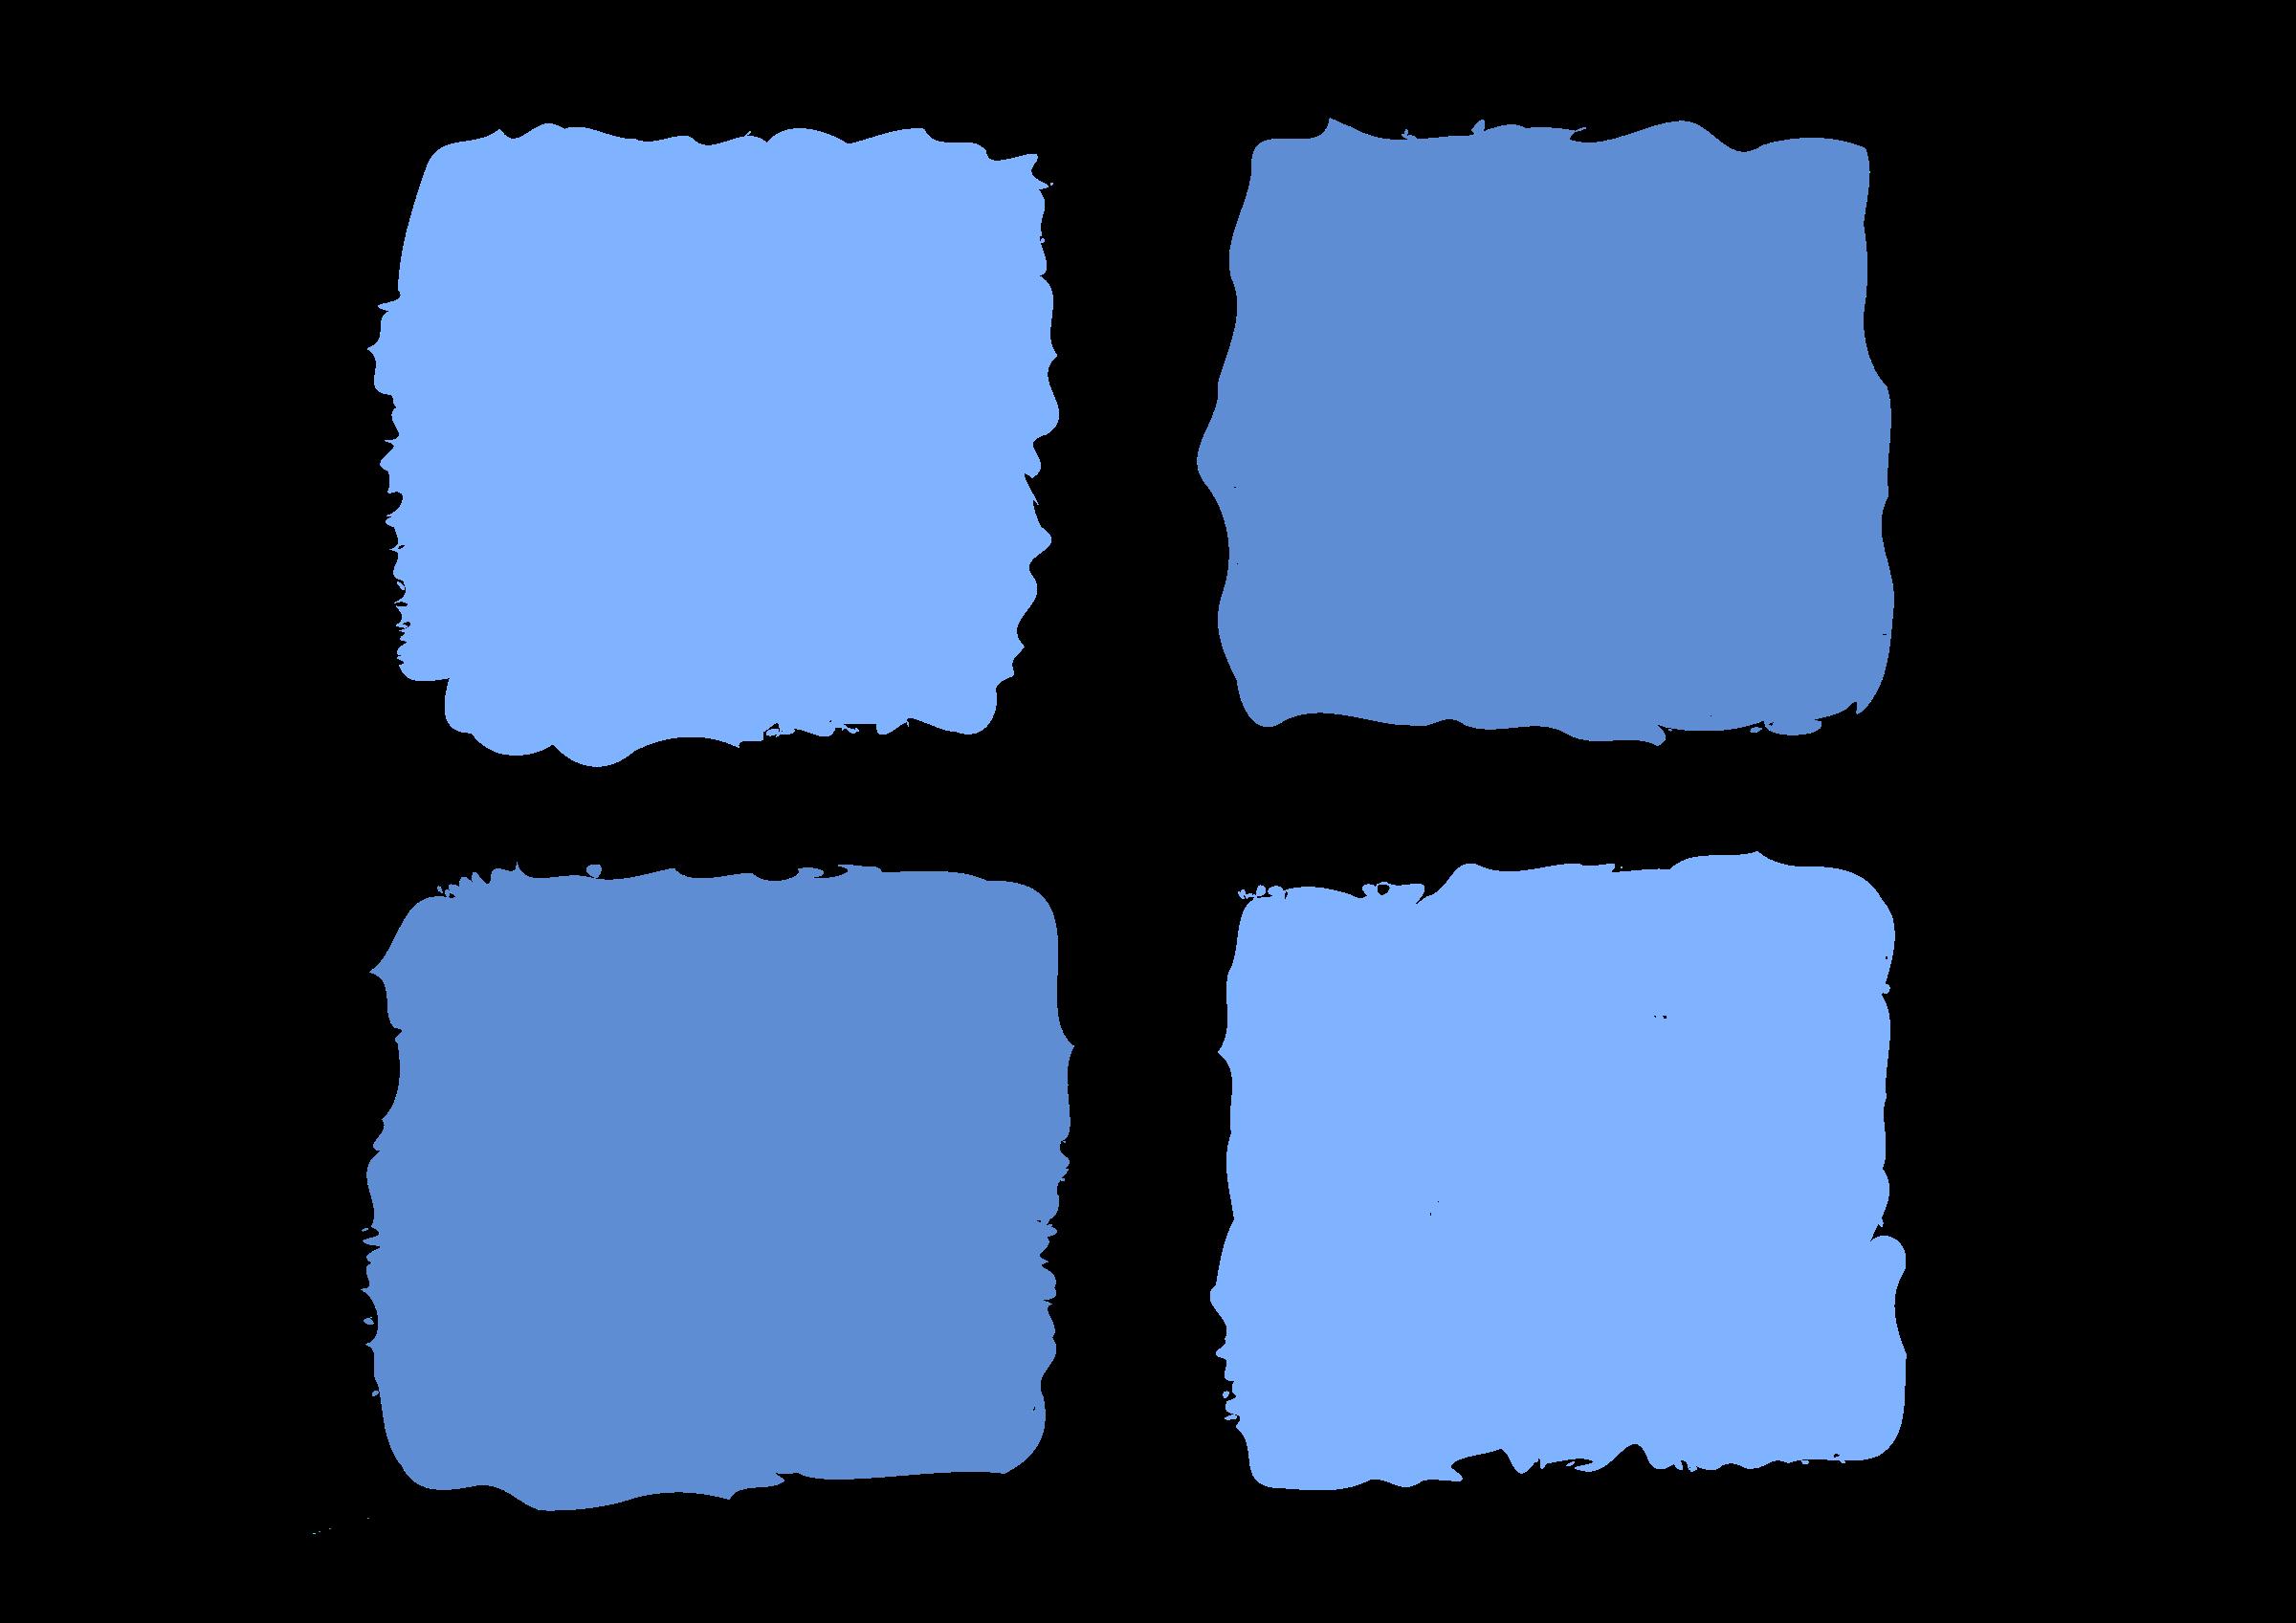 Number 1 clipart 1blue. Blue squares big image